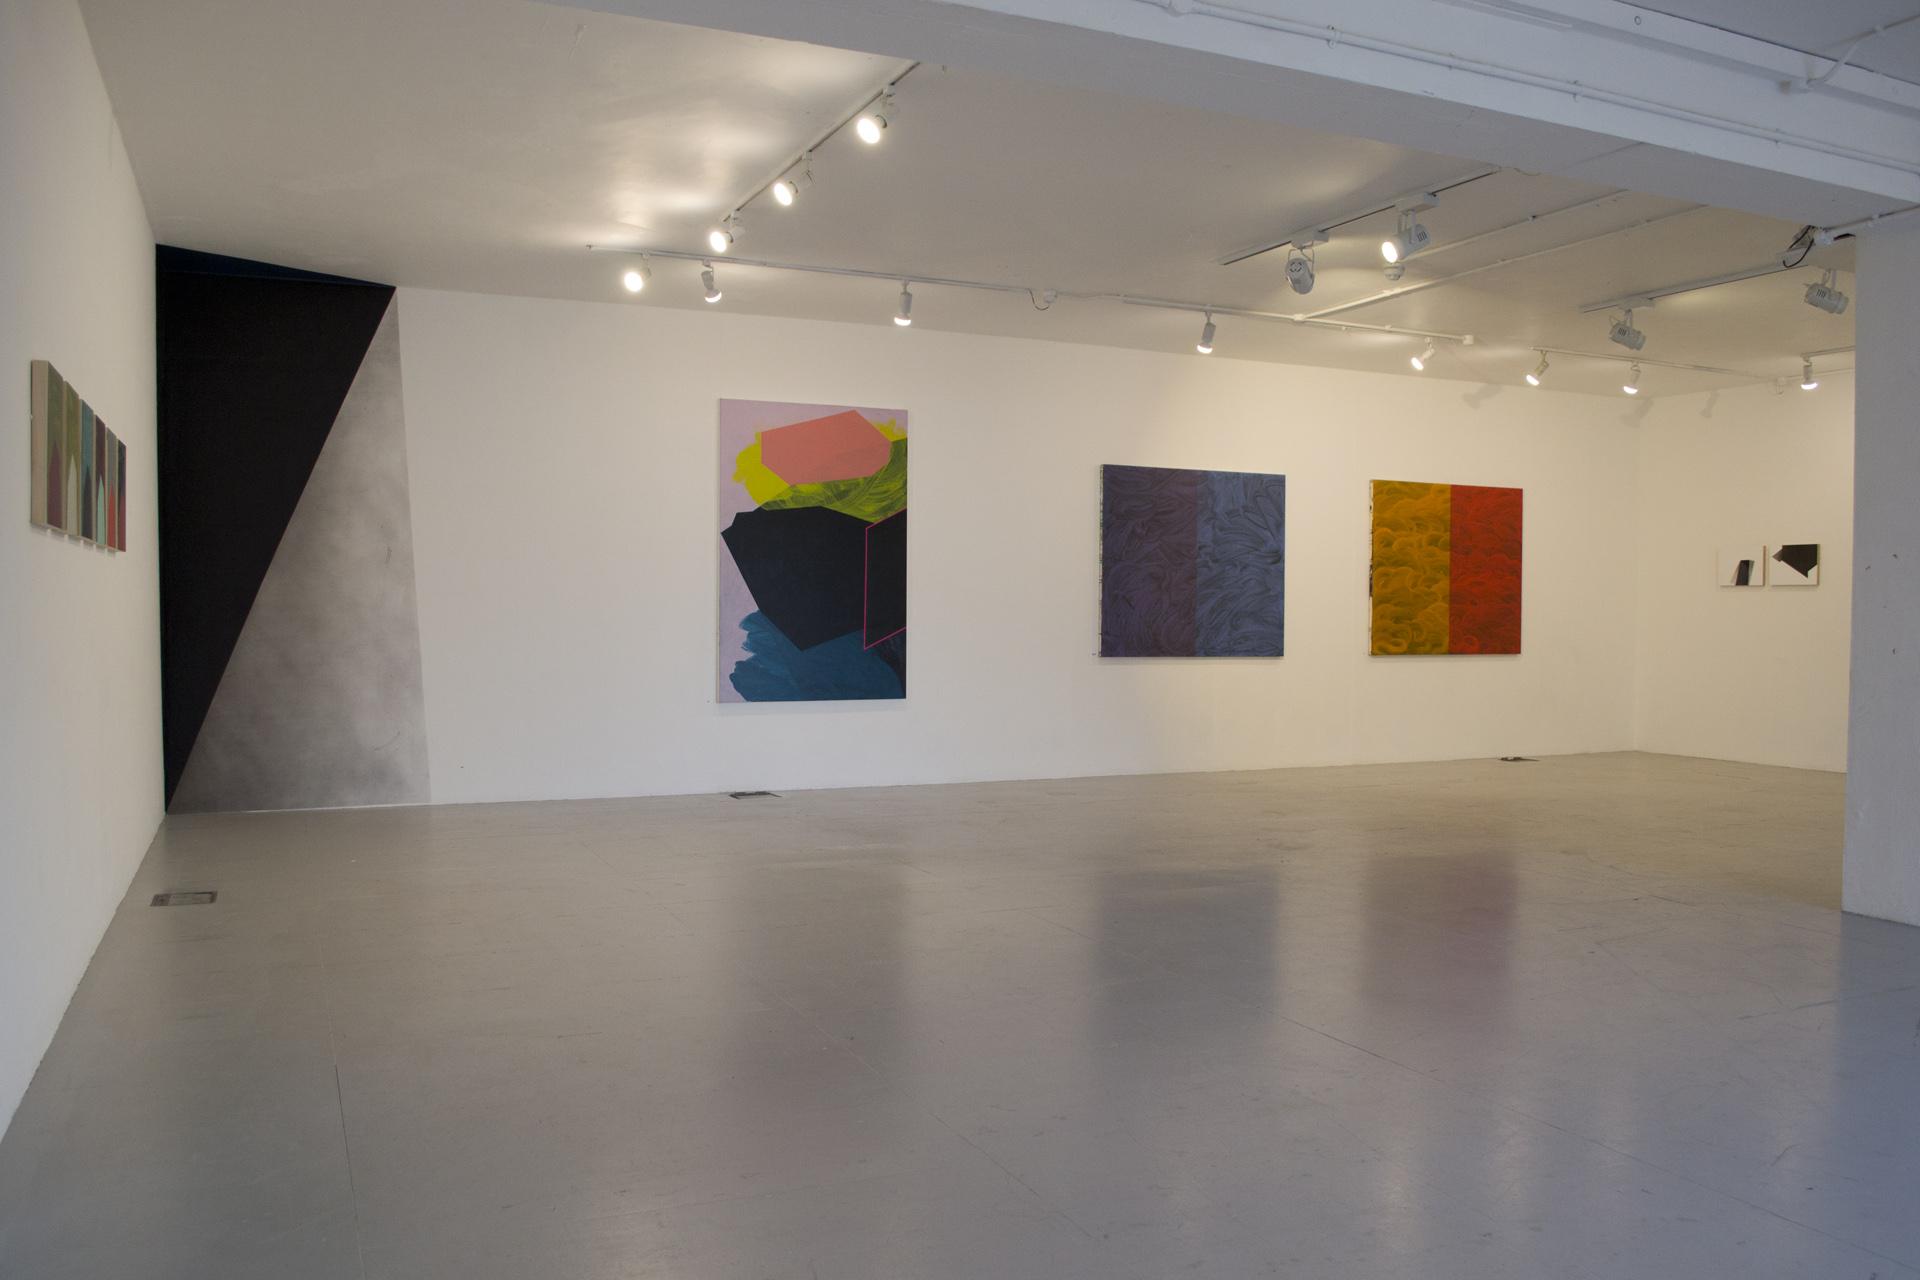 H_A_R_D_P_A_I_N_T_I_N_G Exhibition view north gallery.jpg